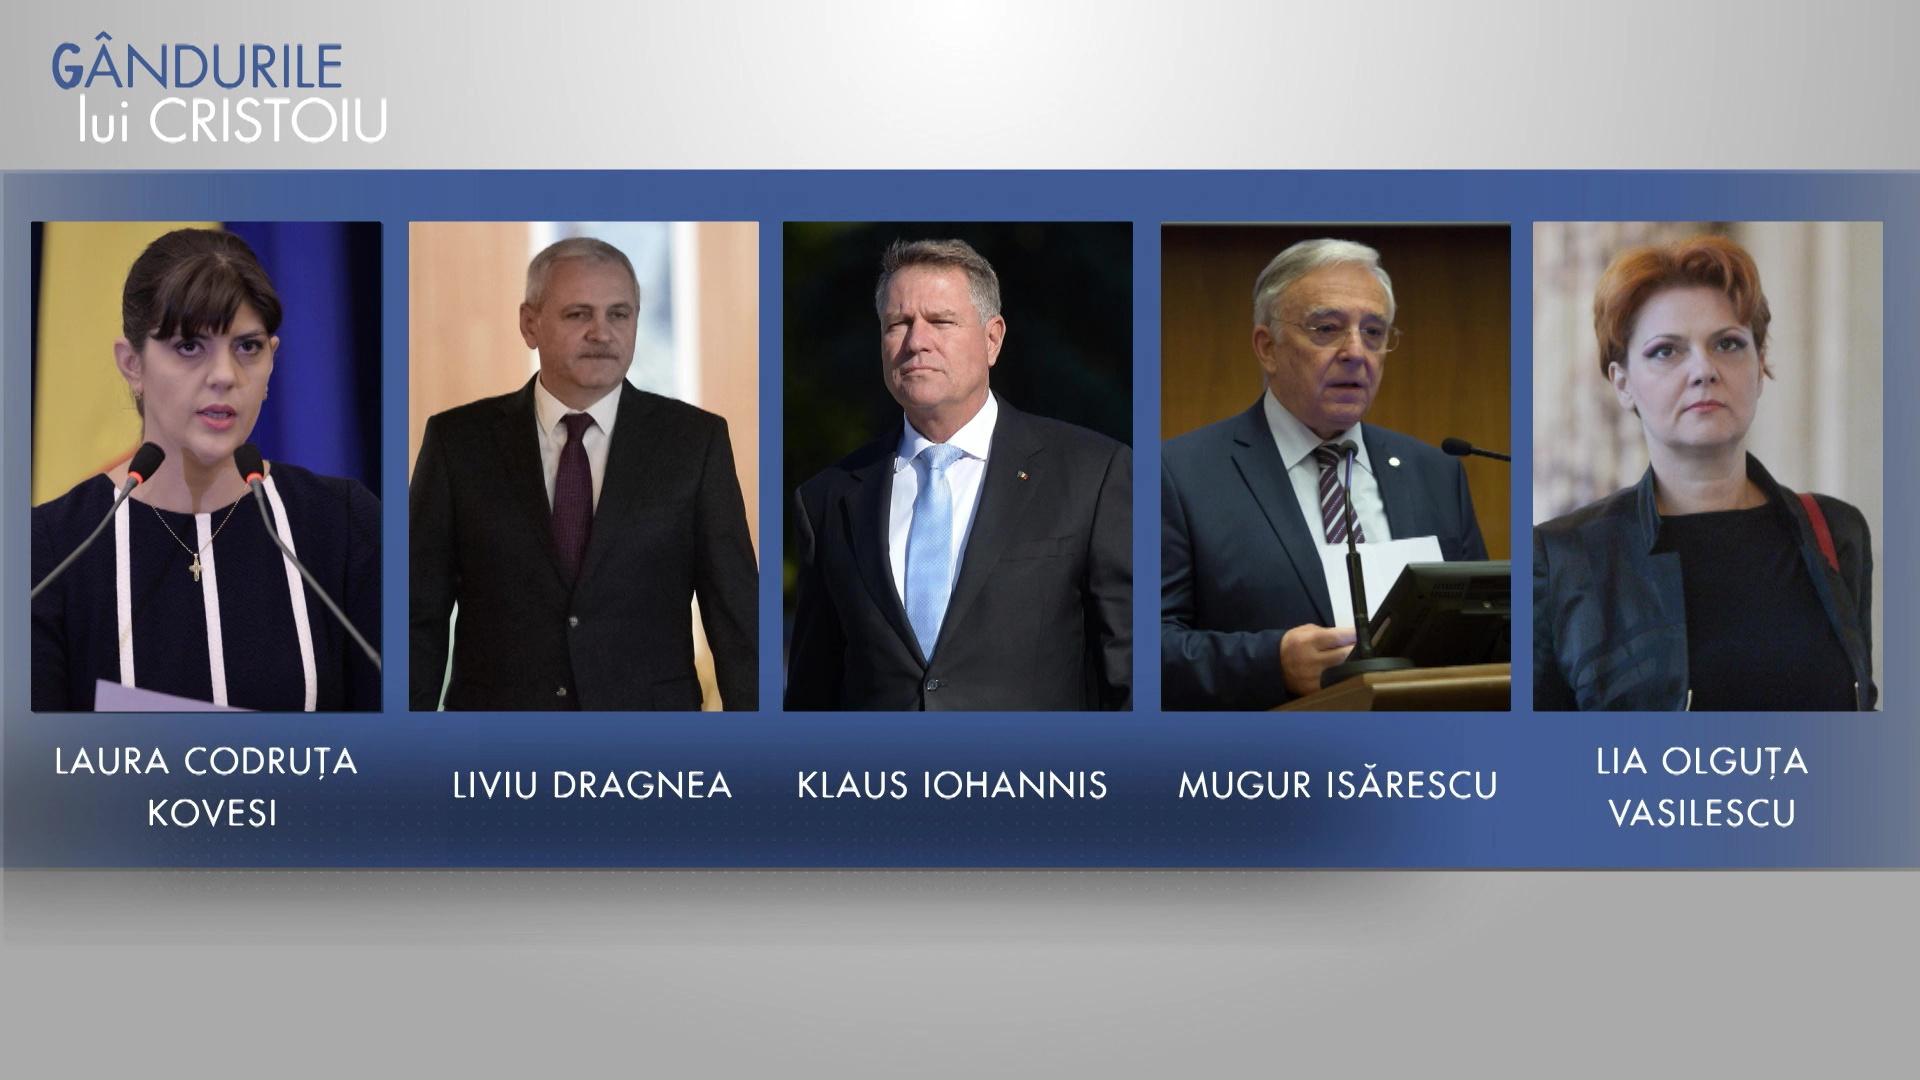 """Ion Cristoiu: Ura, motorul campaniei. Olguţa Vasilescu, singura care poate să spună  """"Şo, pe Iohannis!"""""""